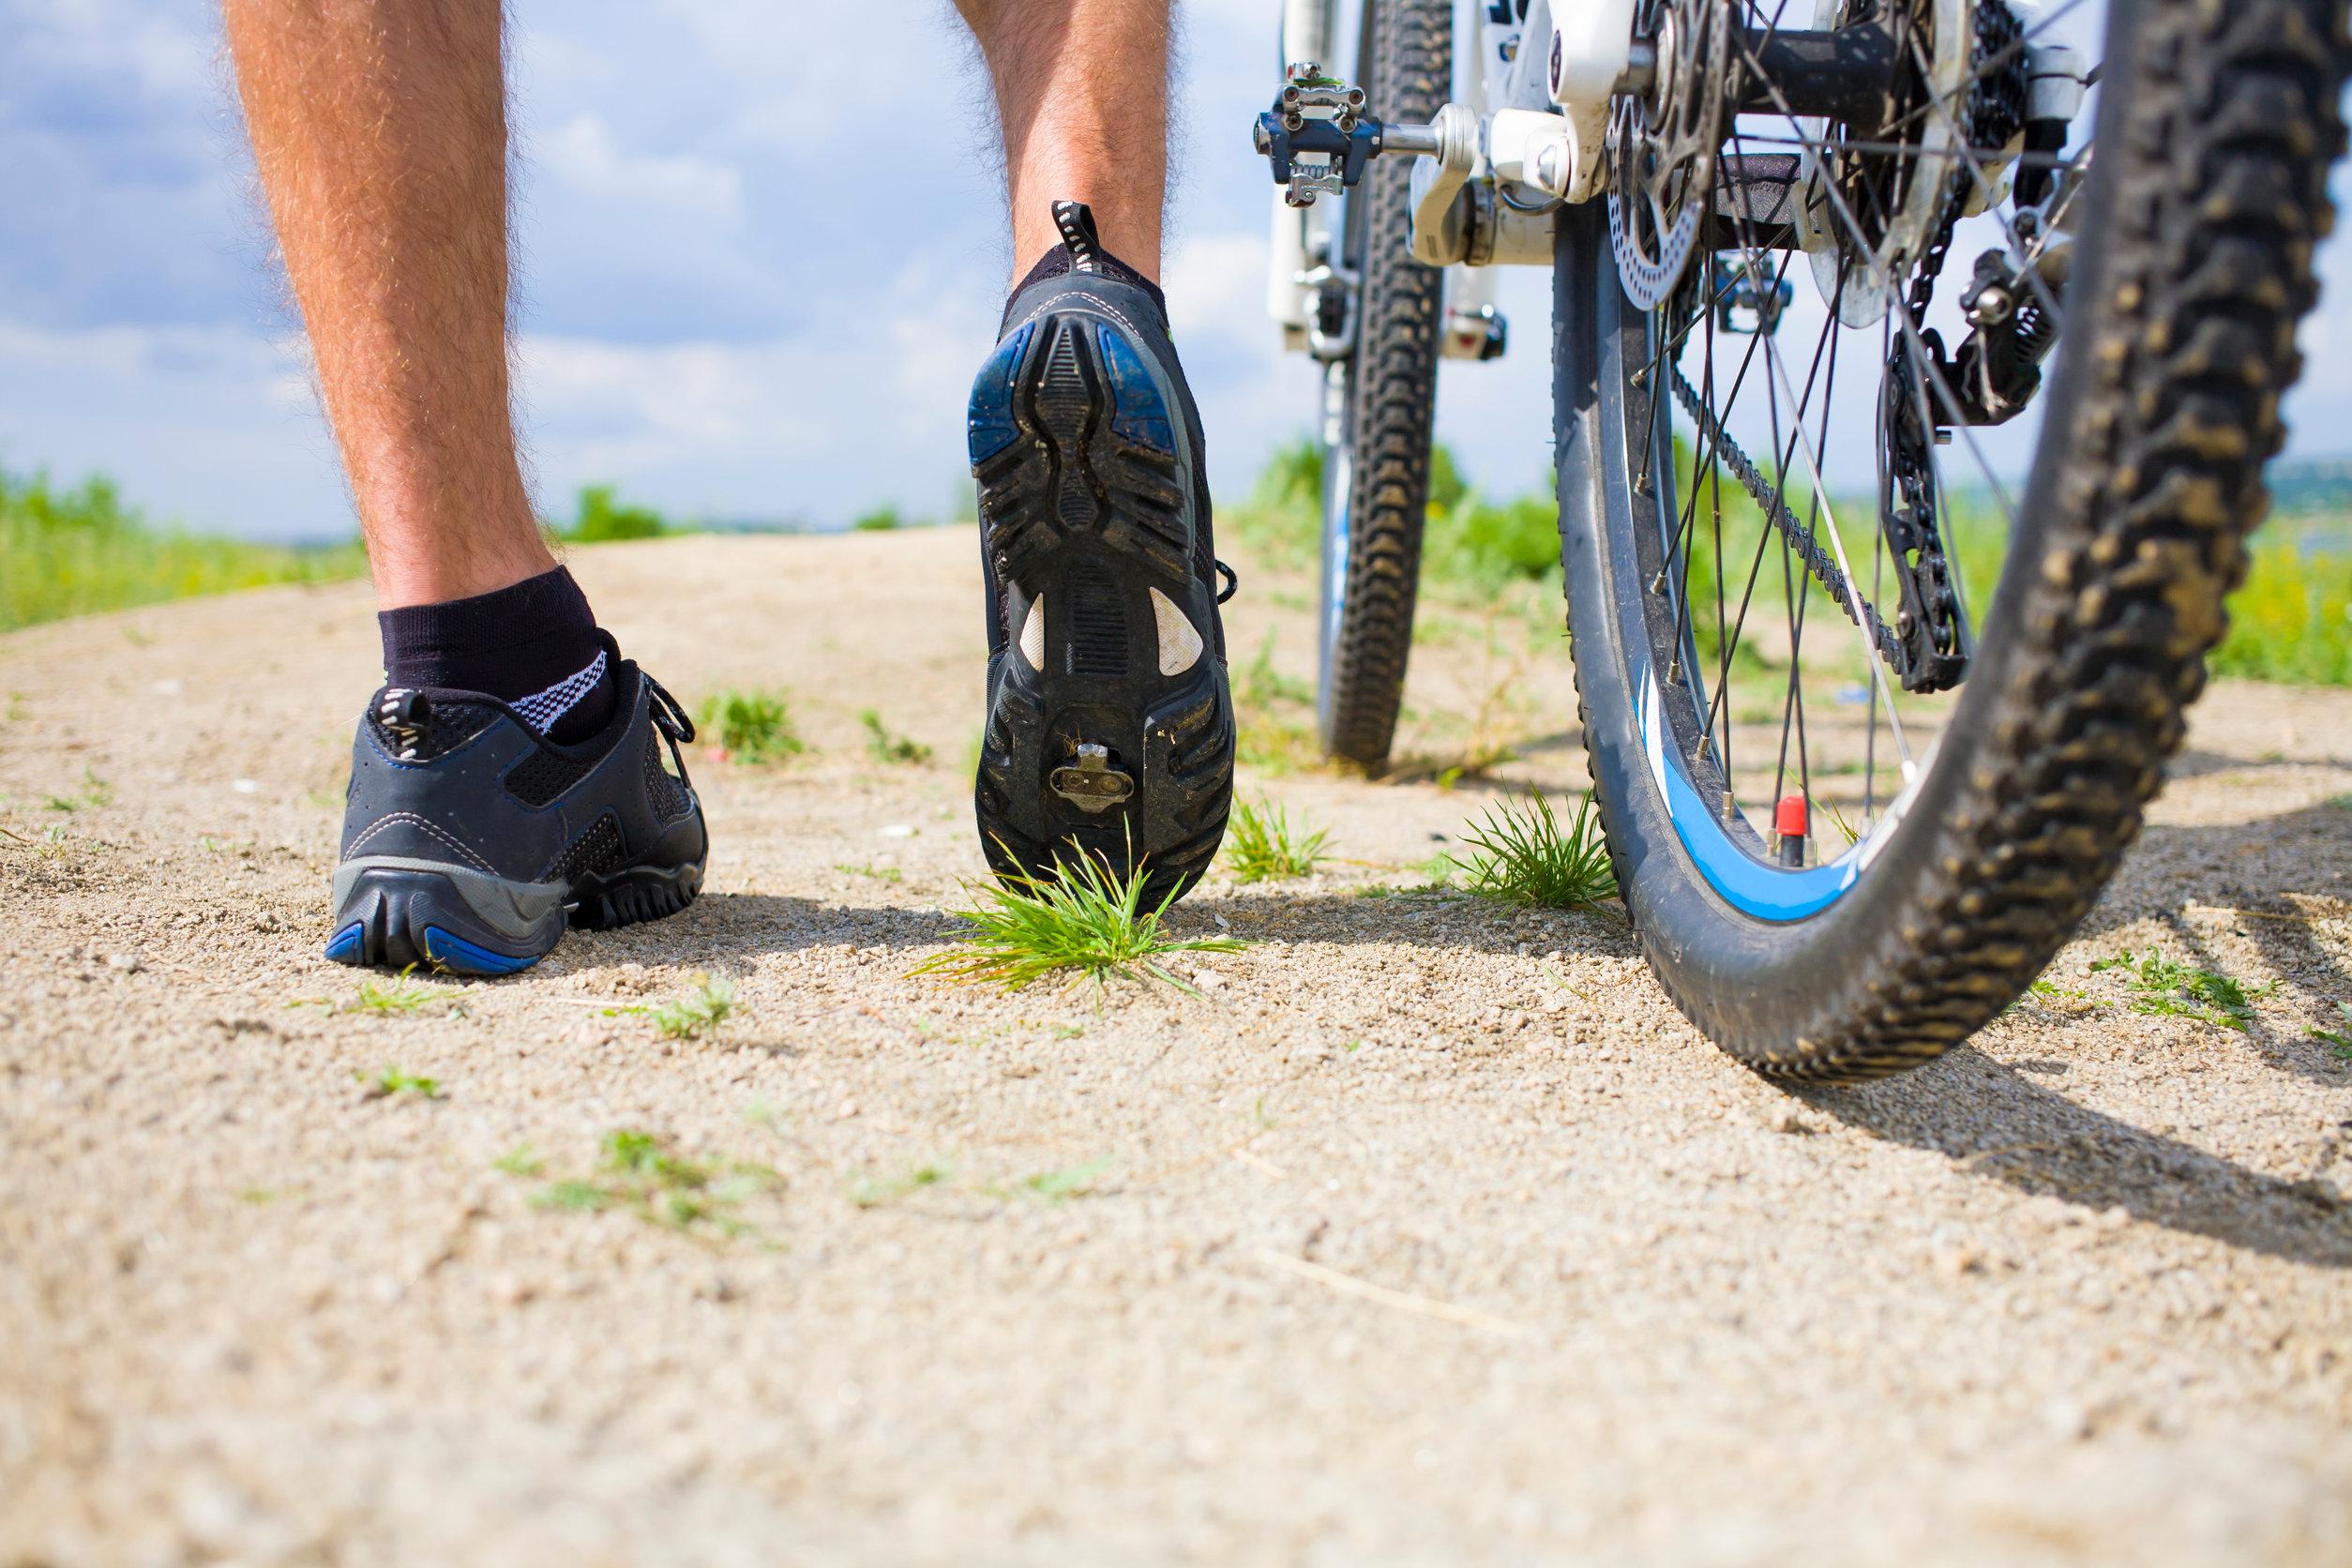 Pés de um homem com sapatilhas de ciclismo ao lado de uma bicicleta em um solo montanhoso